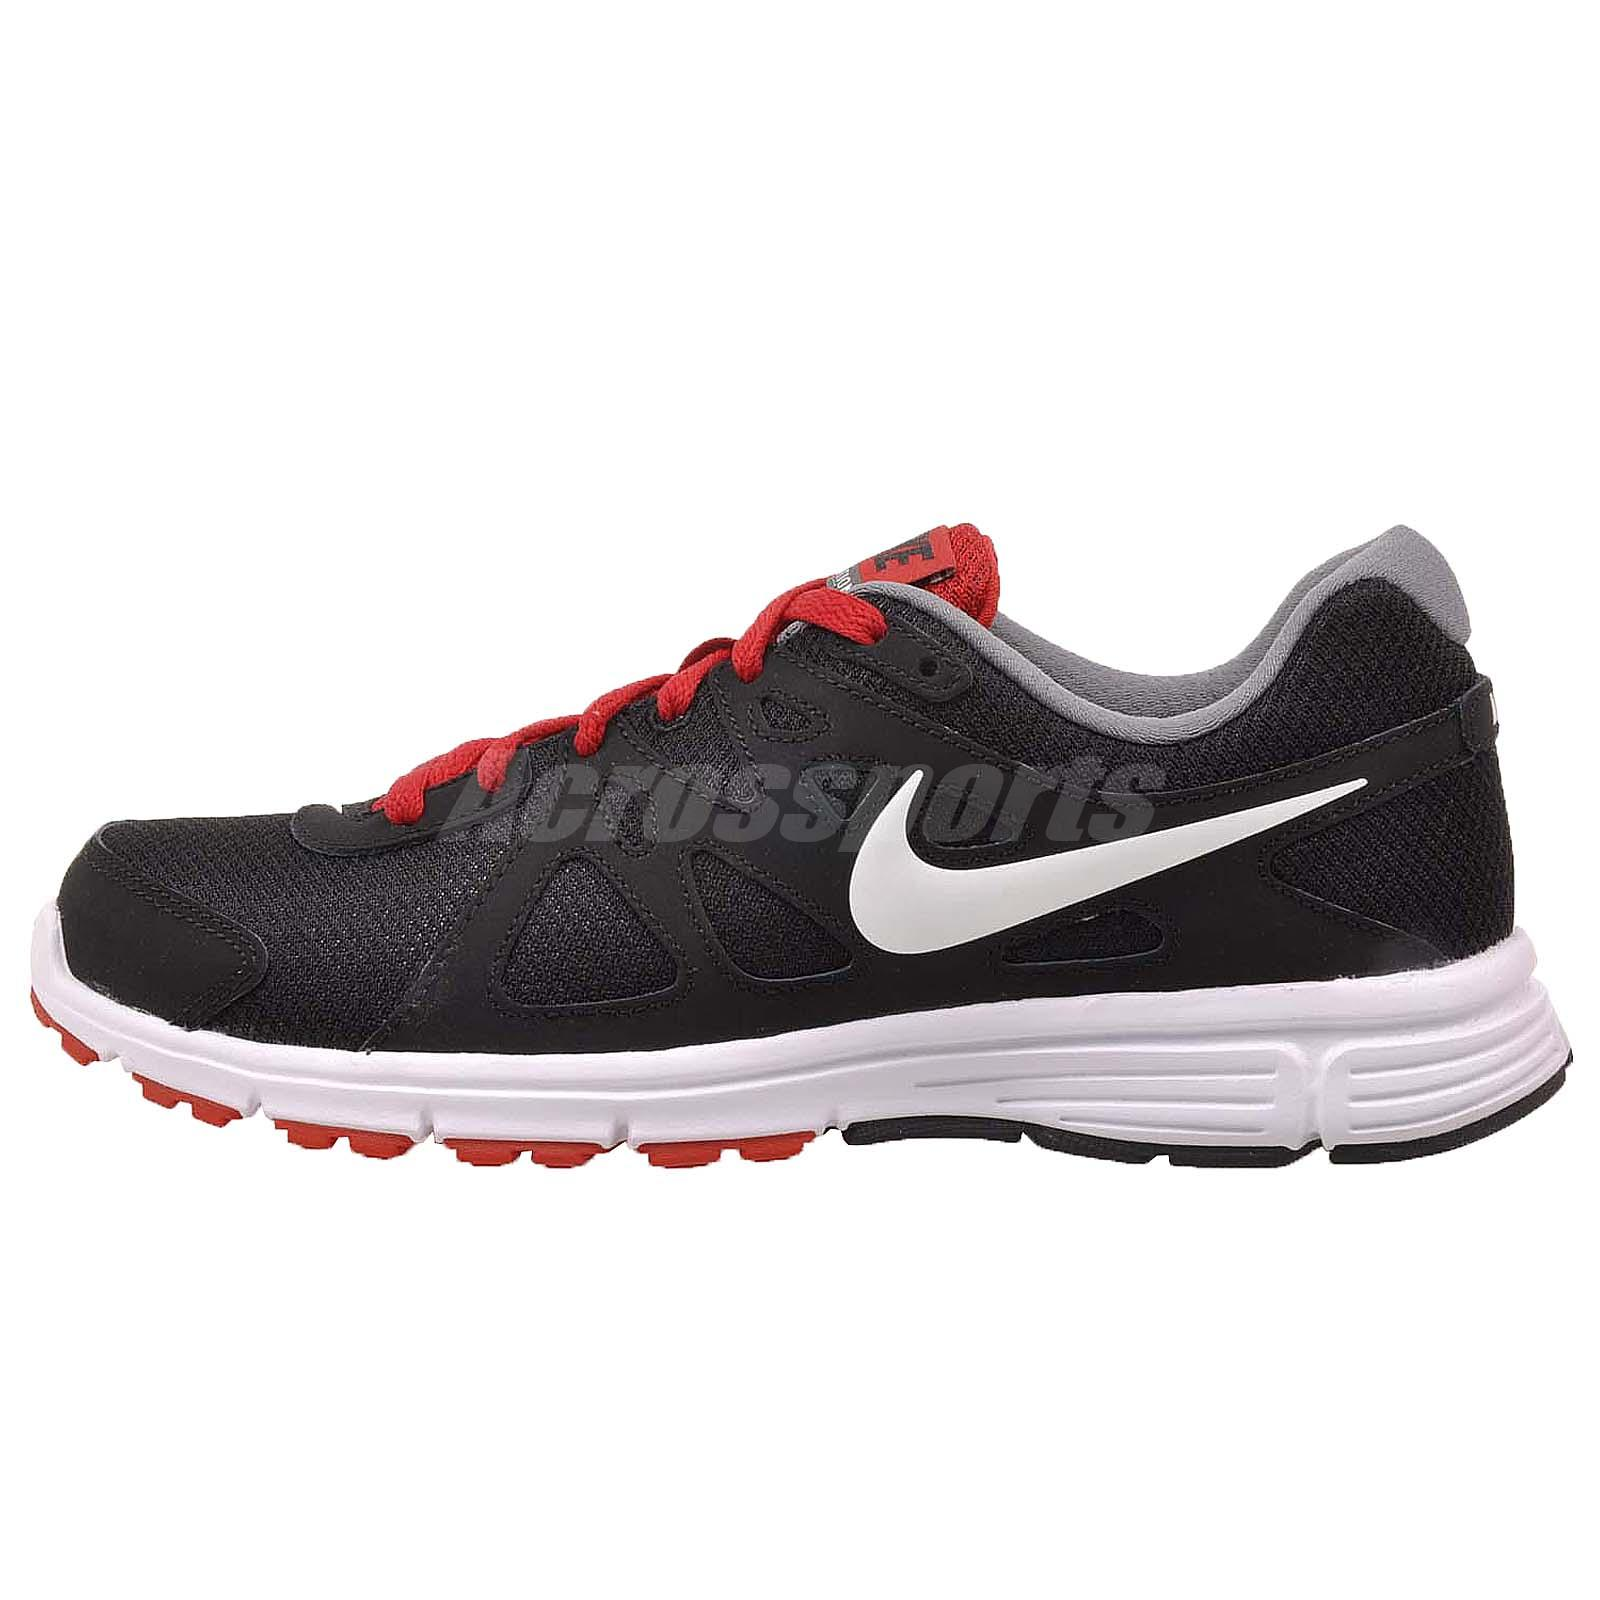 timeless design 2ccaf b8619 nike revolution 2 mens wide shoes